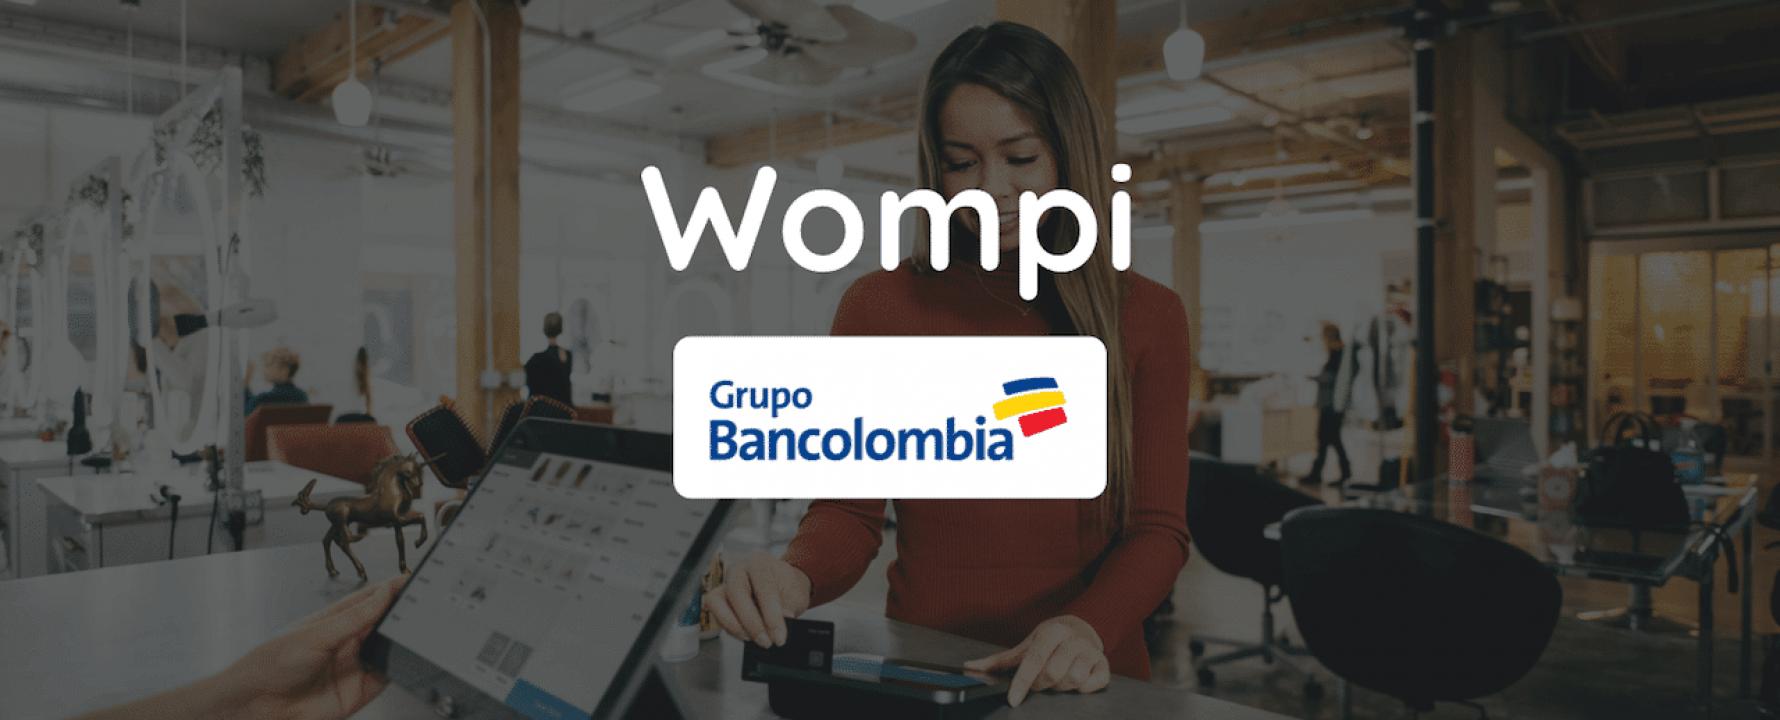 wompi grupo bancolombia